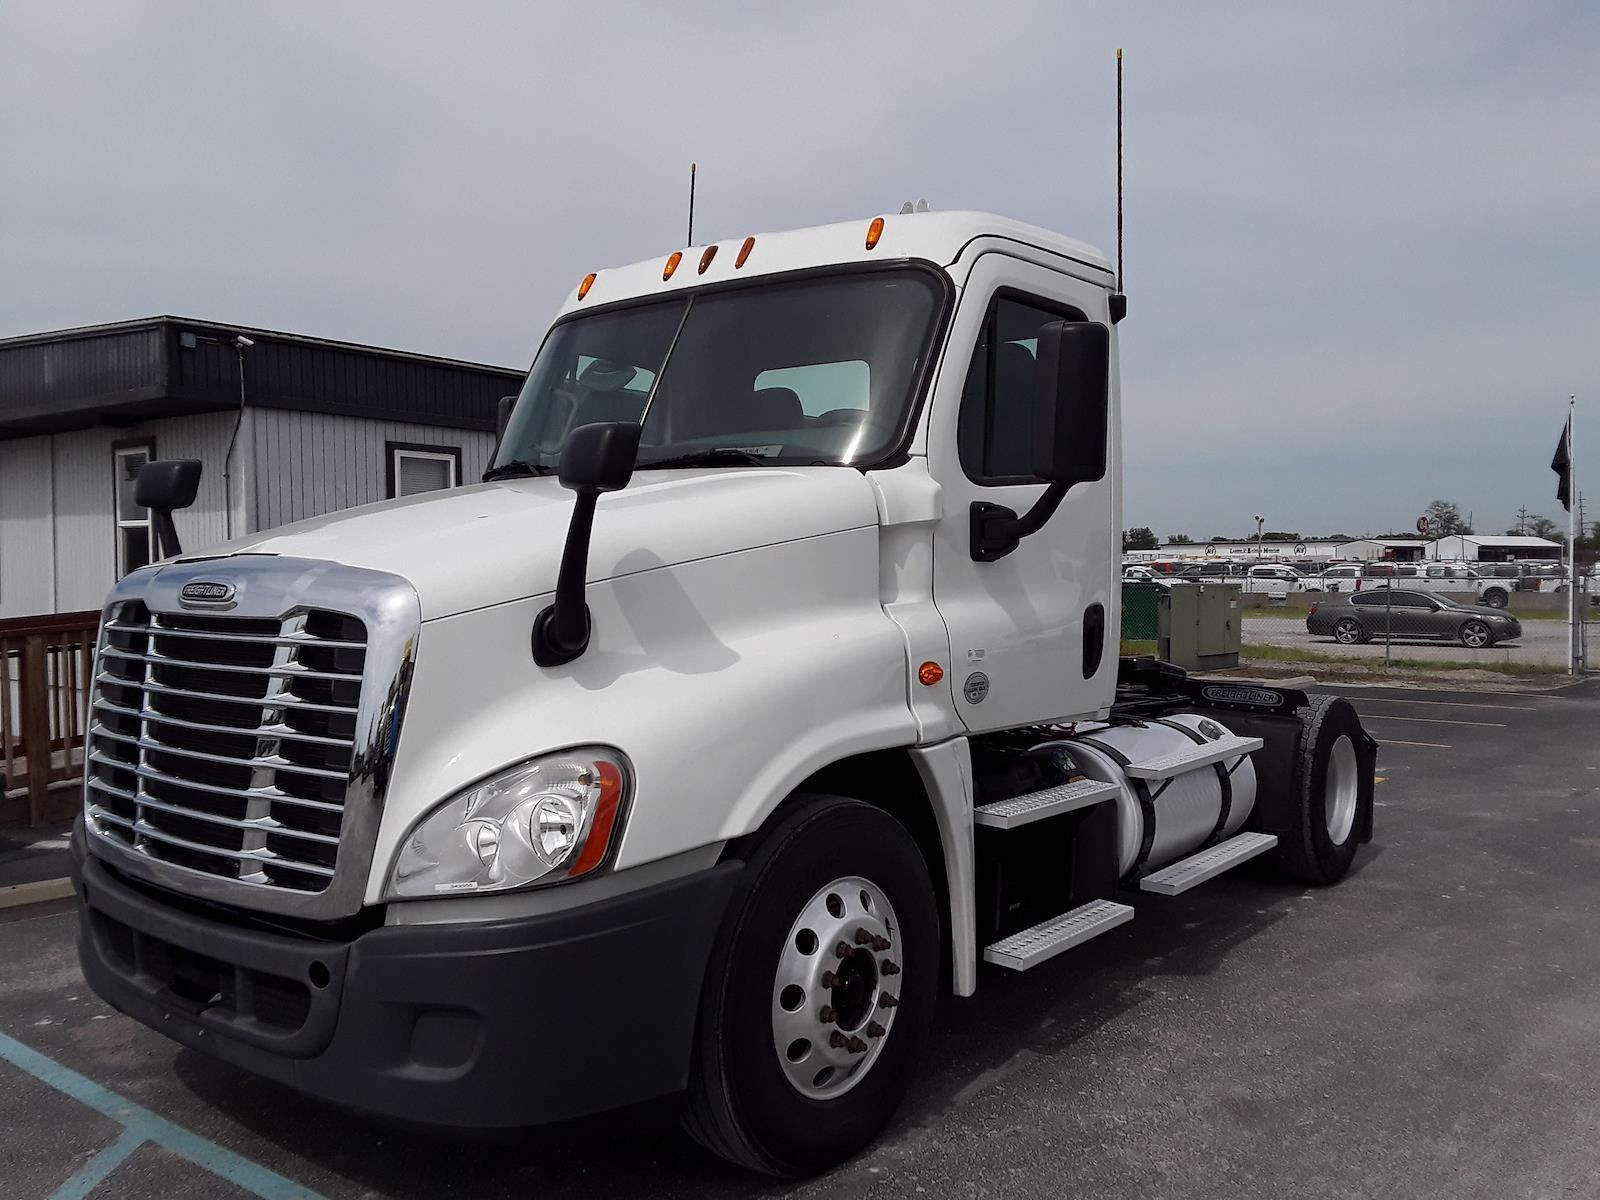 2015 Freightliner Truck 4x2, Tractor #343555 - photo 1